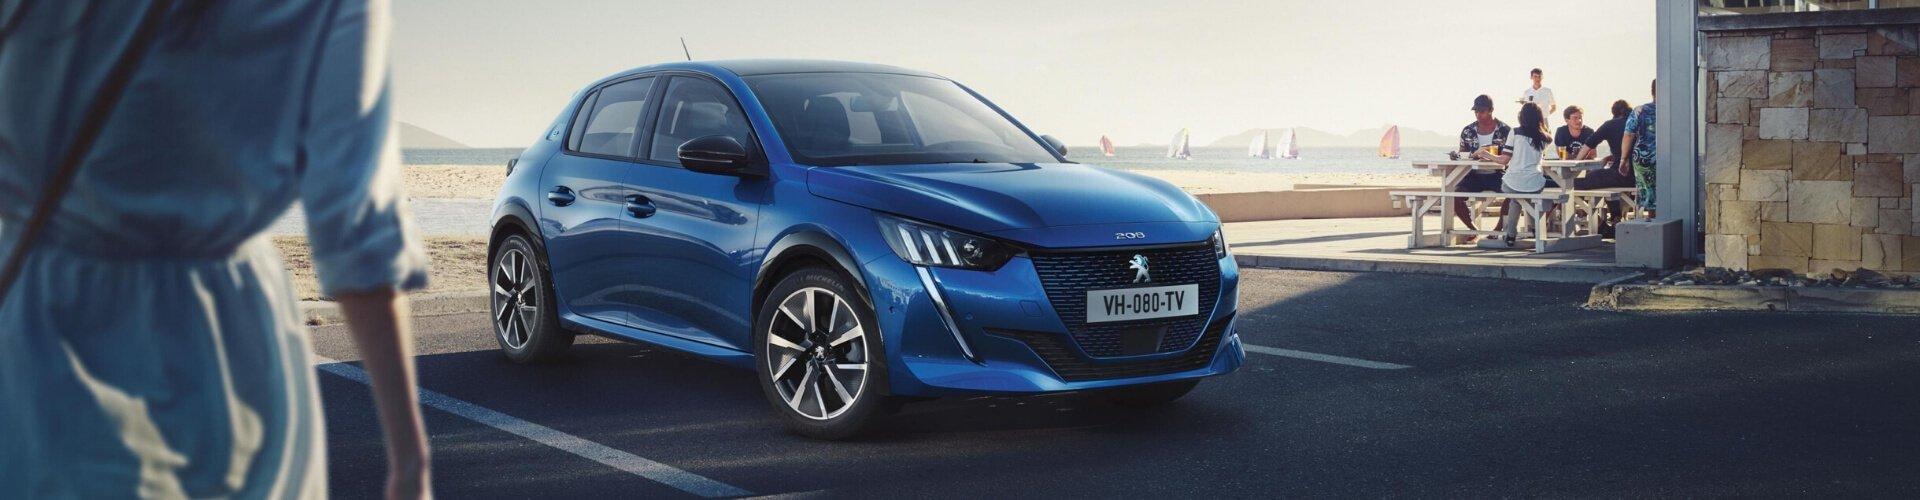 Nový Peugeot 208: Futuristic & Young